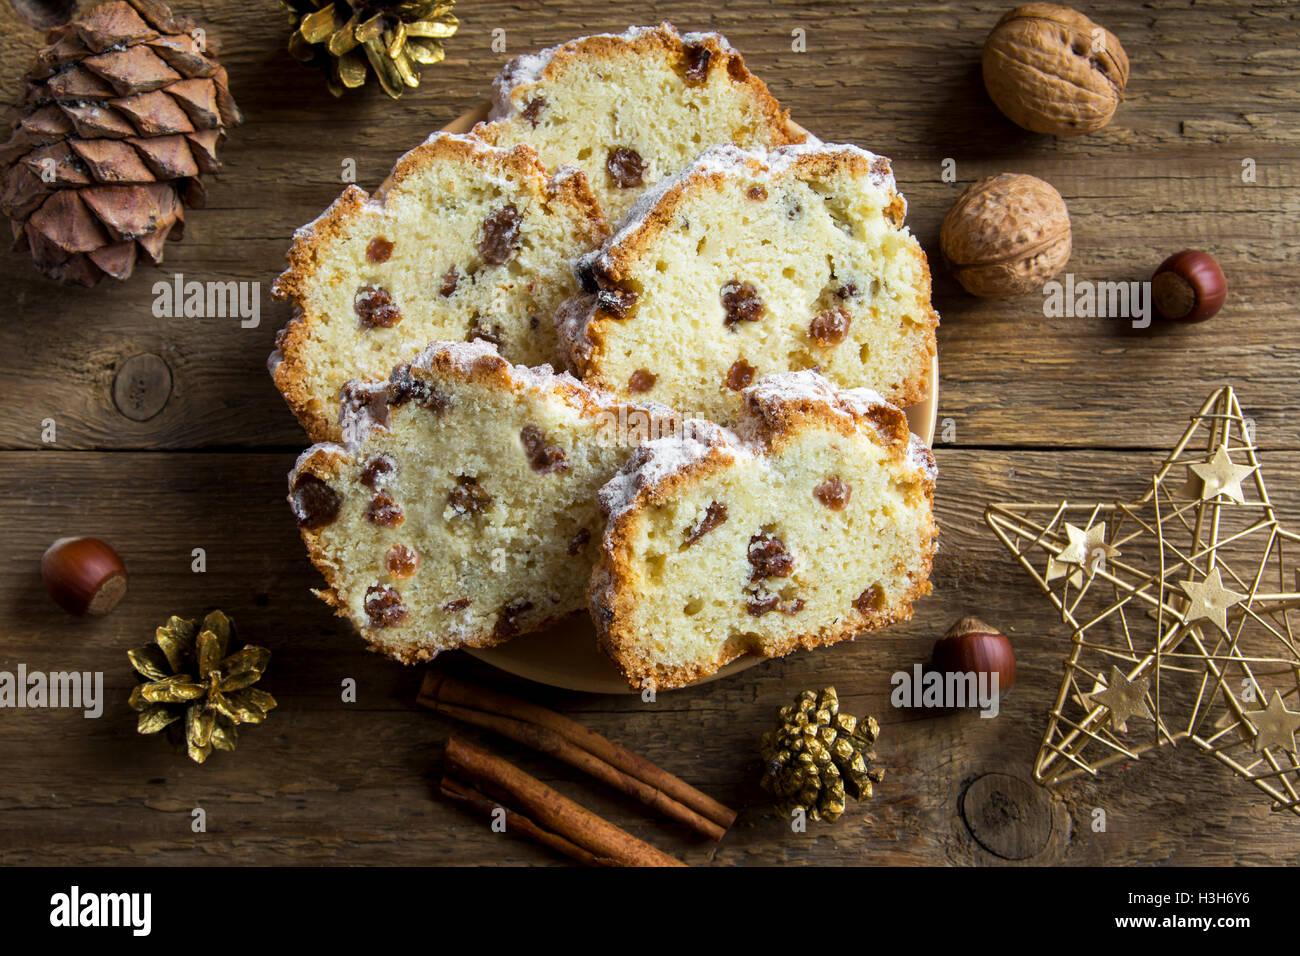 Festa di Natale il pane di frutta (torta) su rustiche in legno - Scheda di Natale fatti in casa panificio Immagini Stock